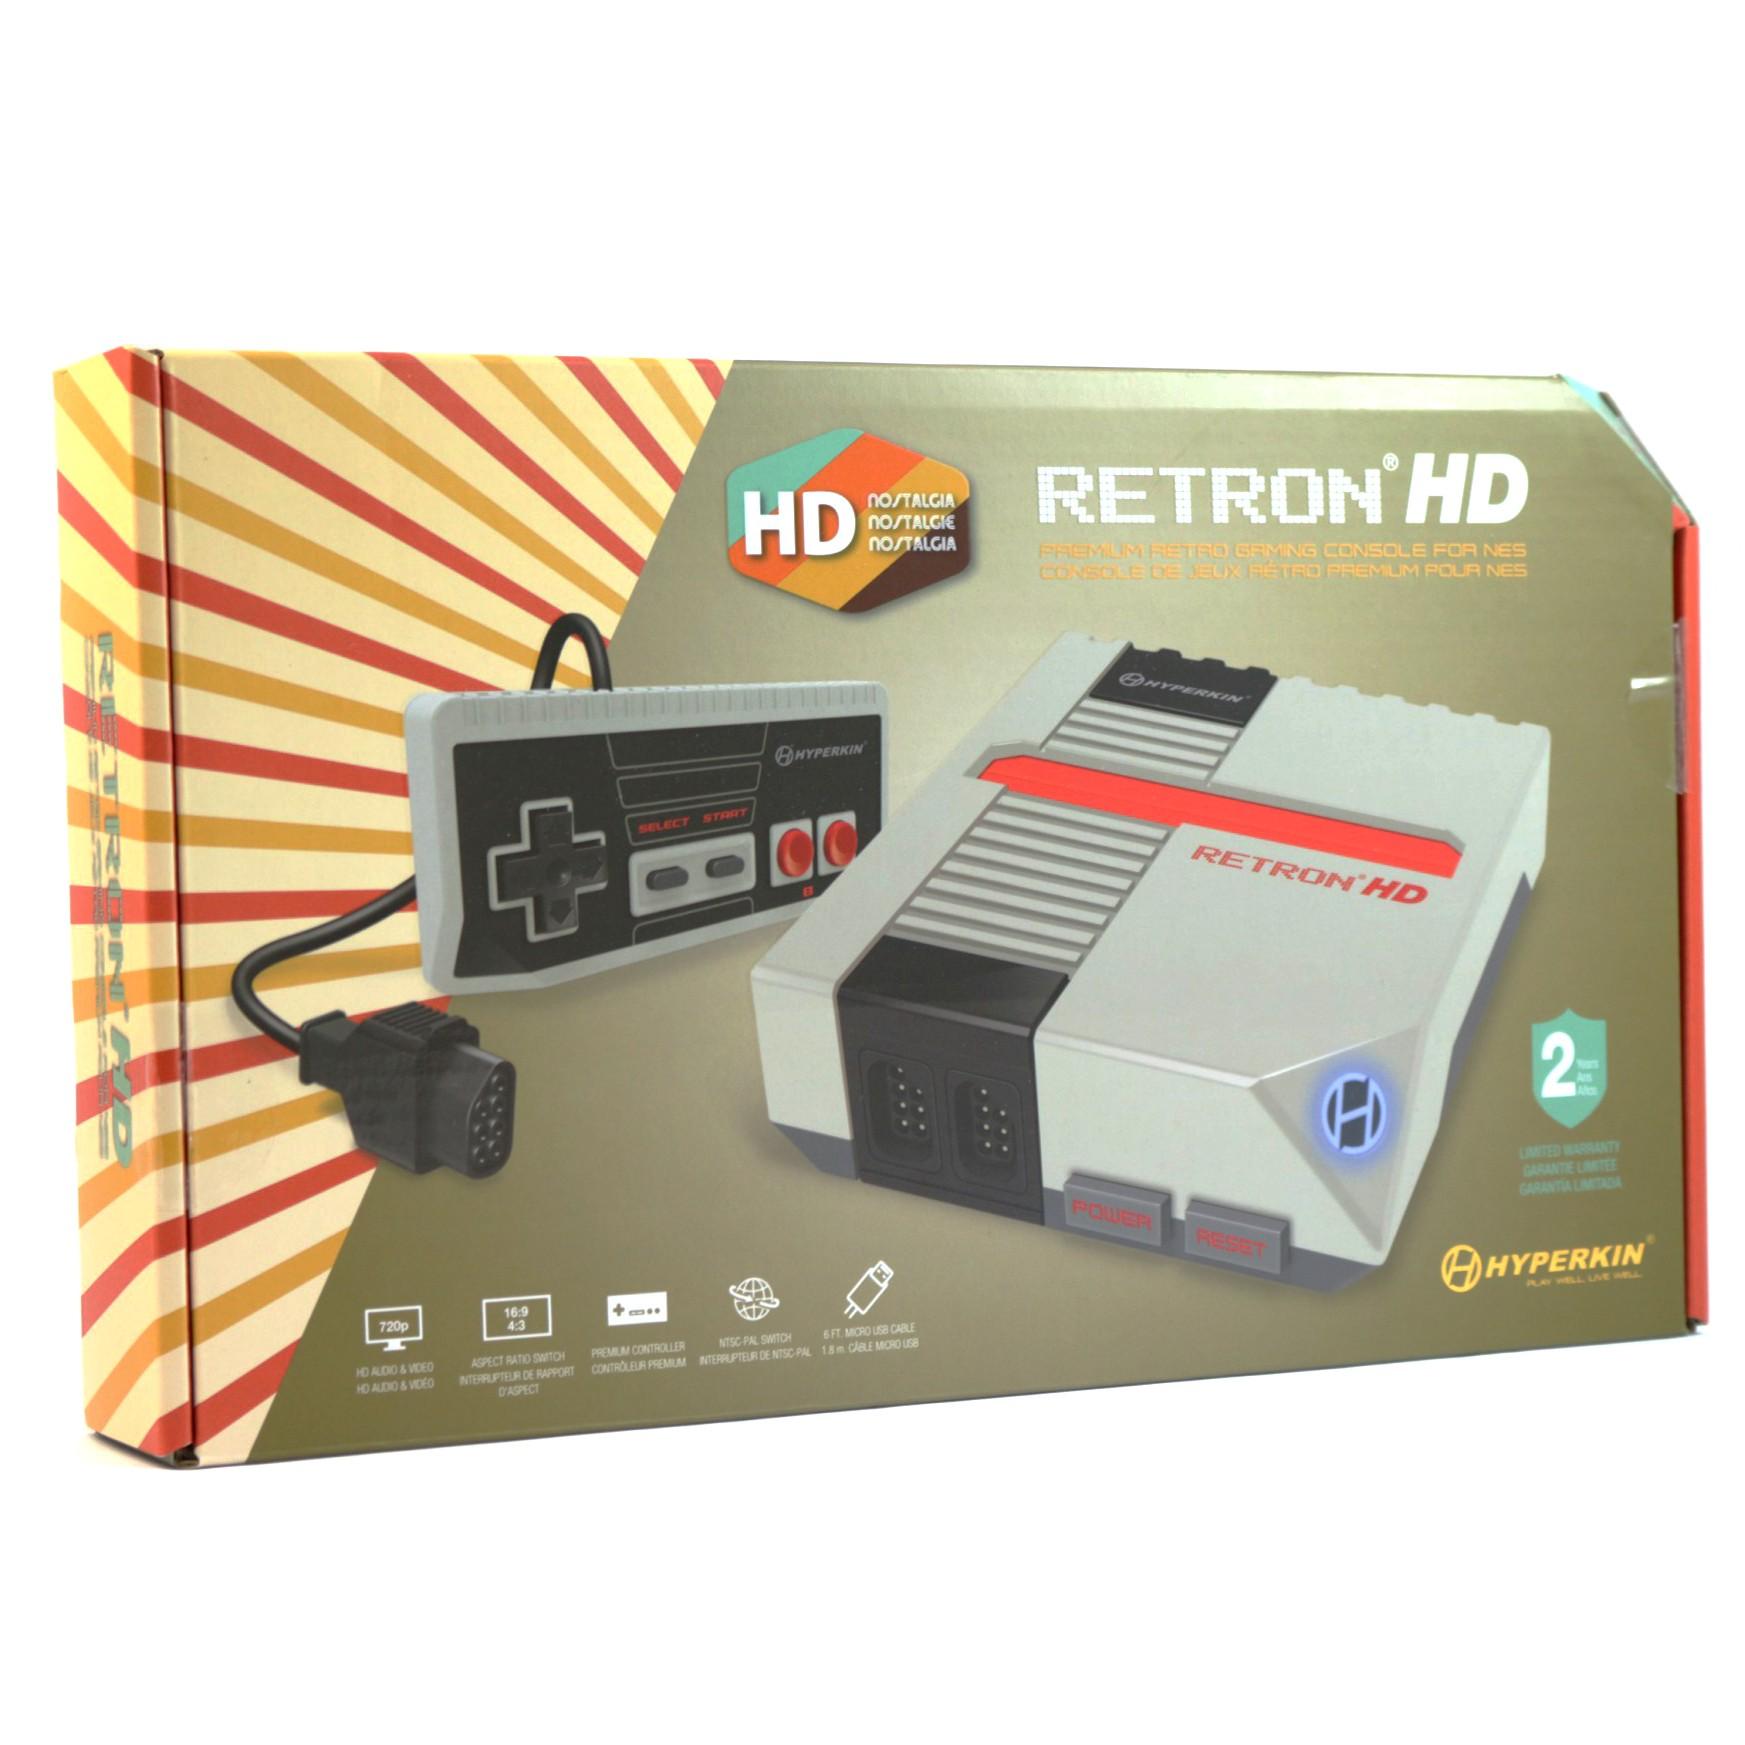 RetroN - RetroN 1 HD Konsole #grau [Hyperkin] (...